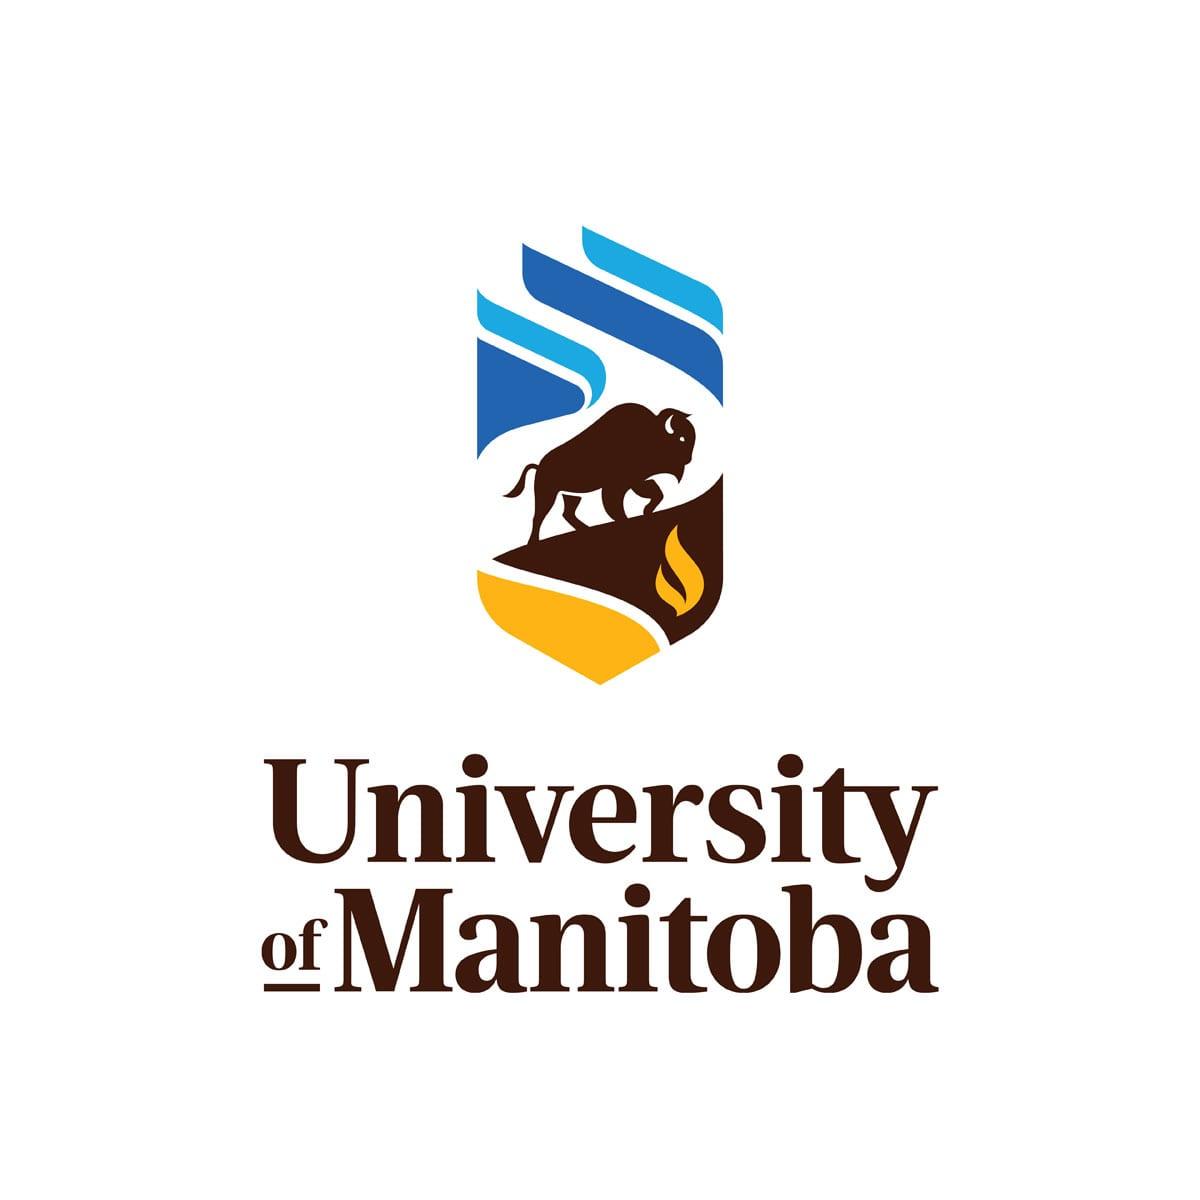 Πανεπιστήμιο της Μανιτόμπα - Προφίλ σχολείου και αποφοίτοι του Crunchbase